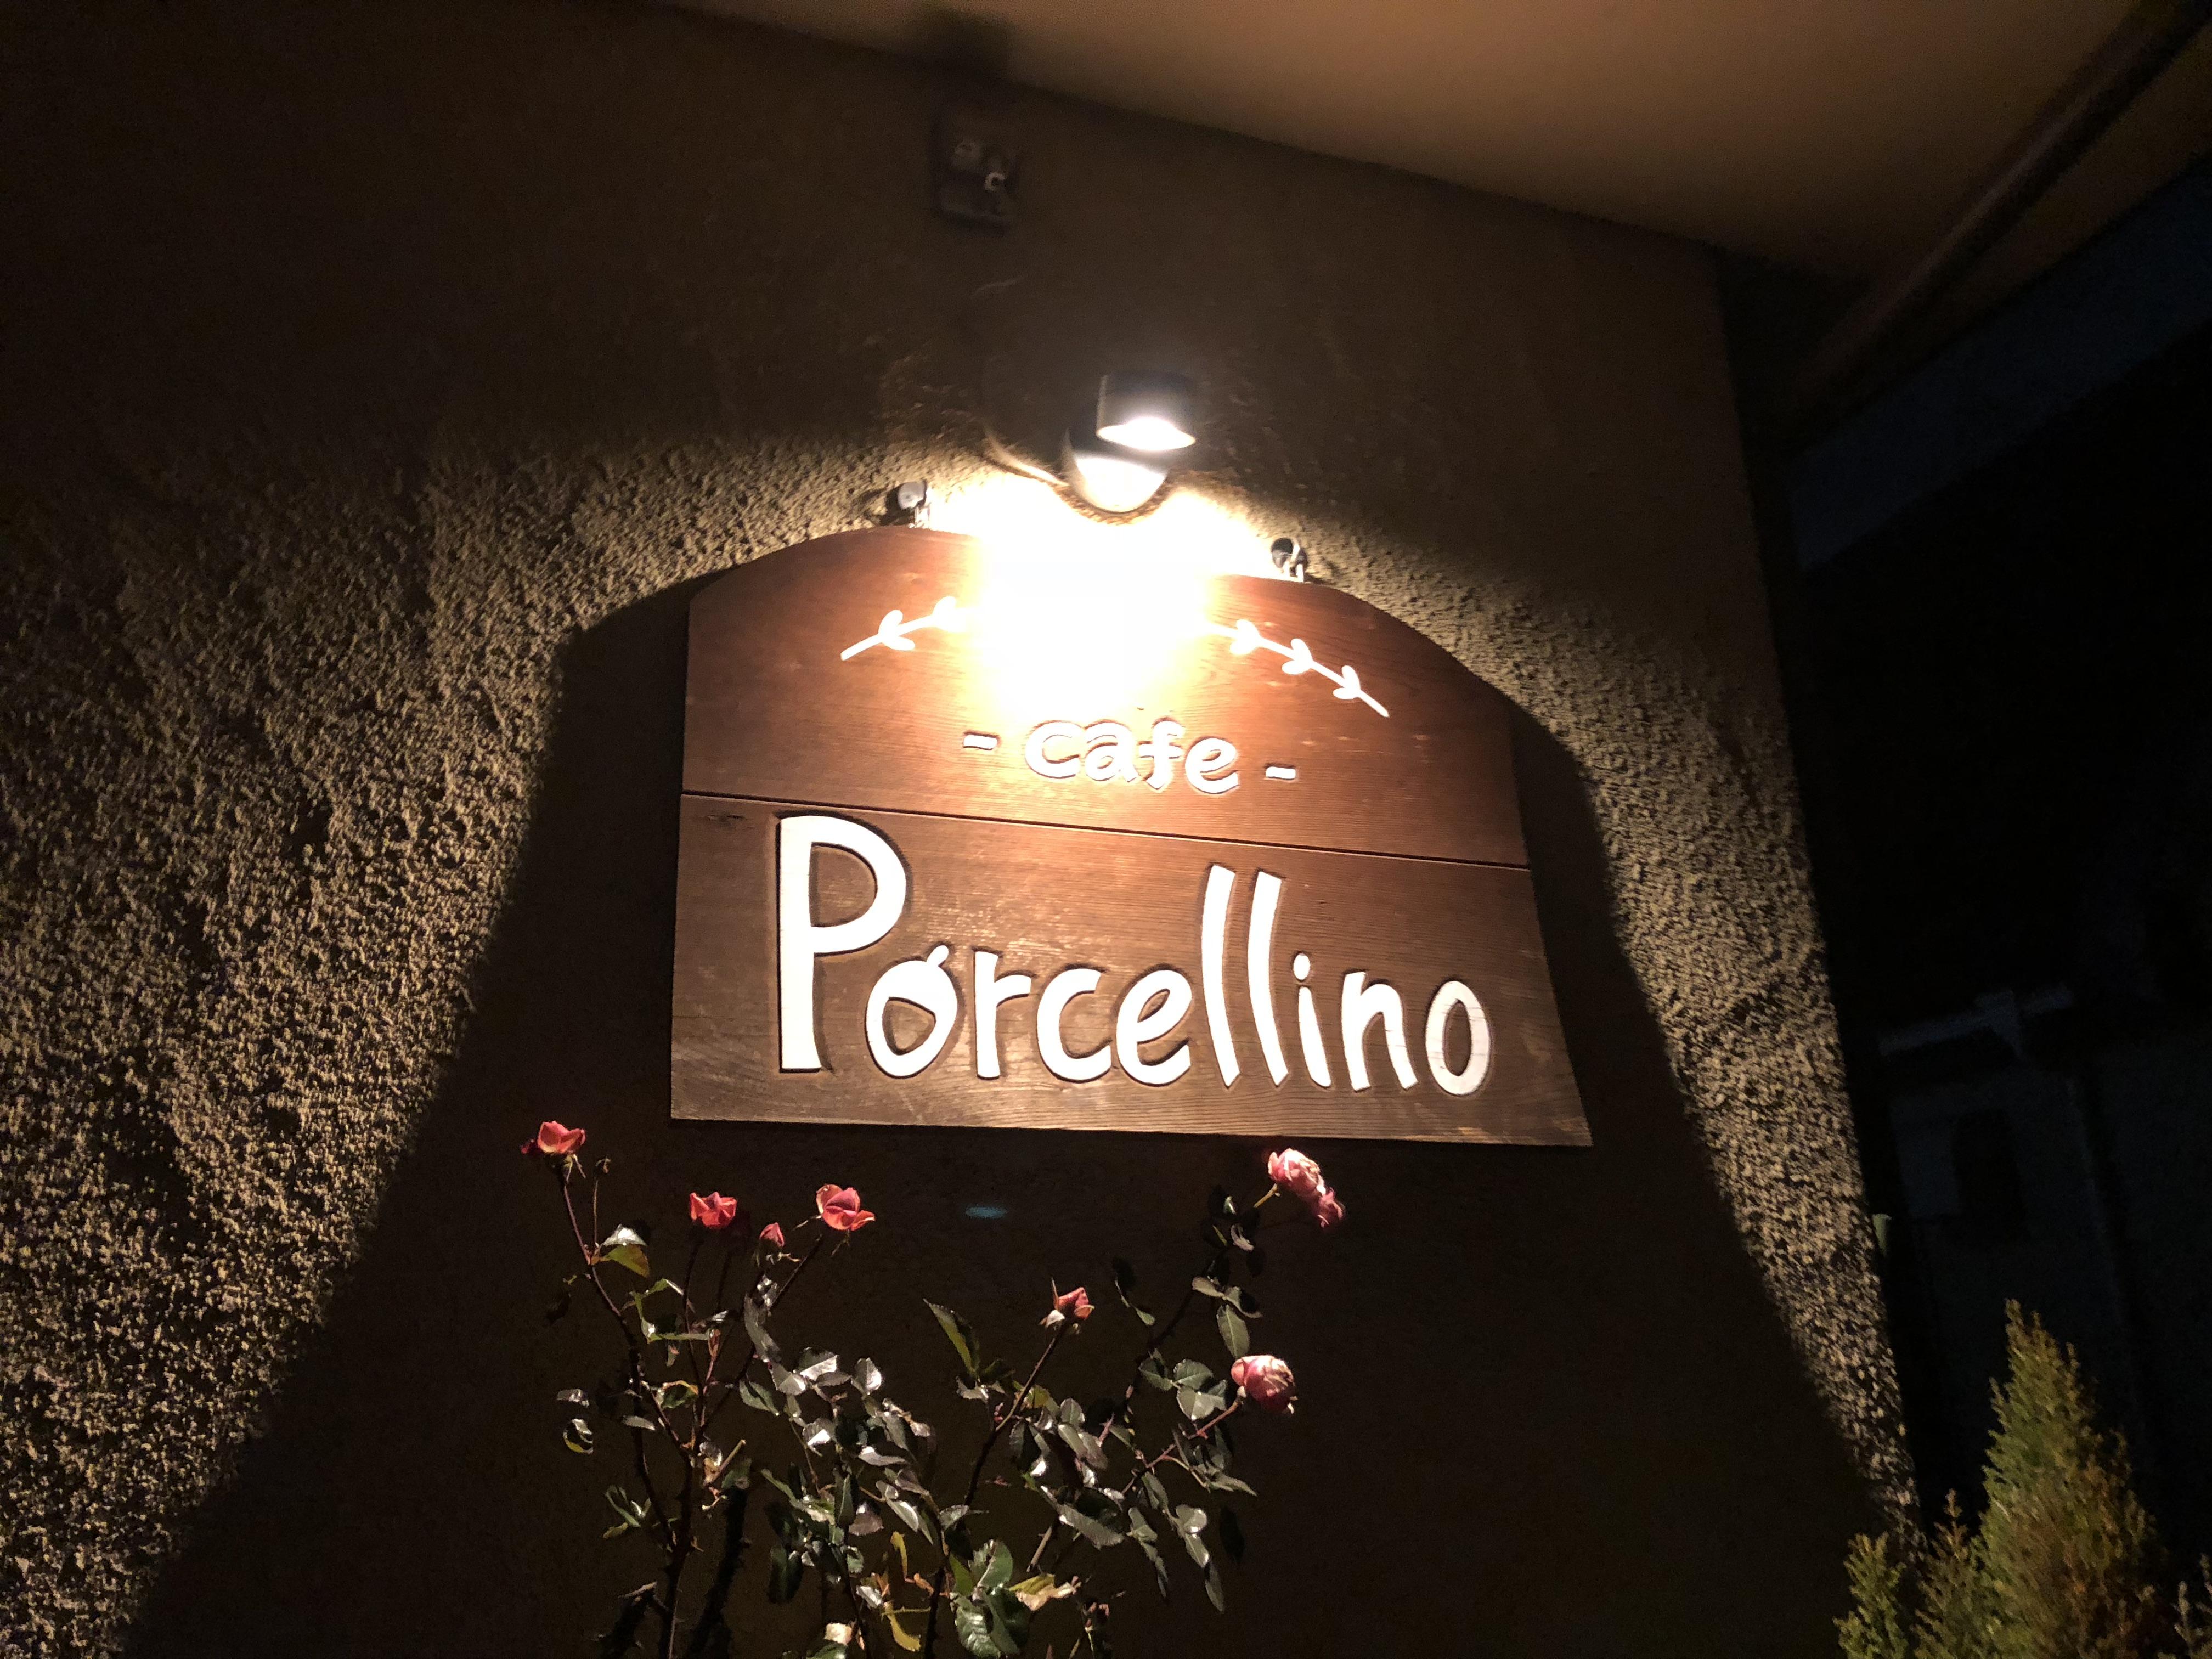 入間市の洋食レストランポルチェリーノの看板